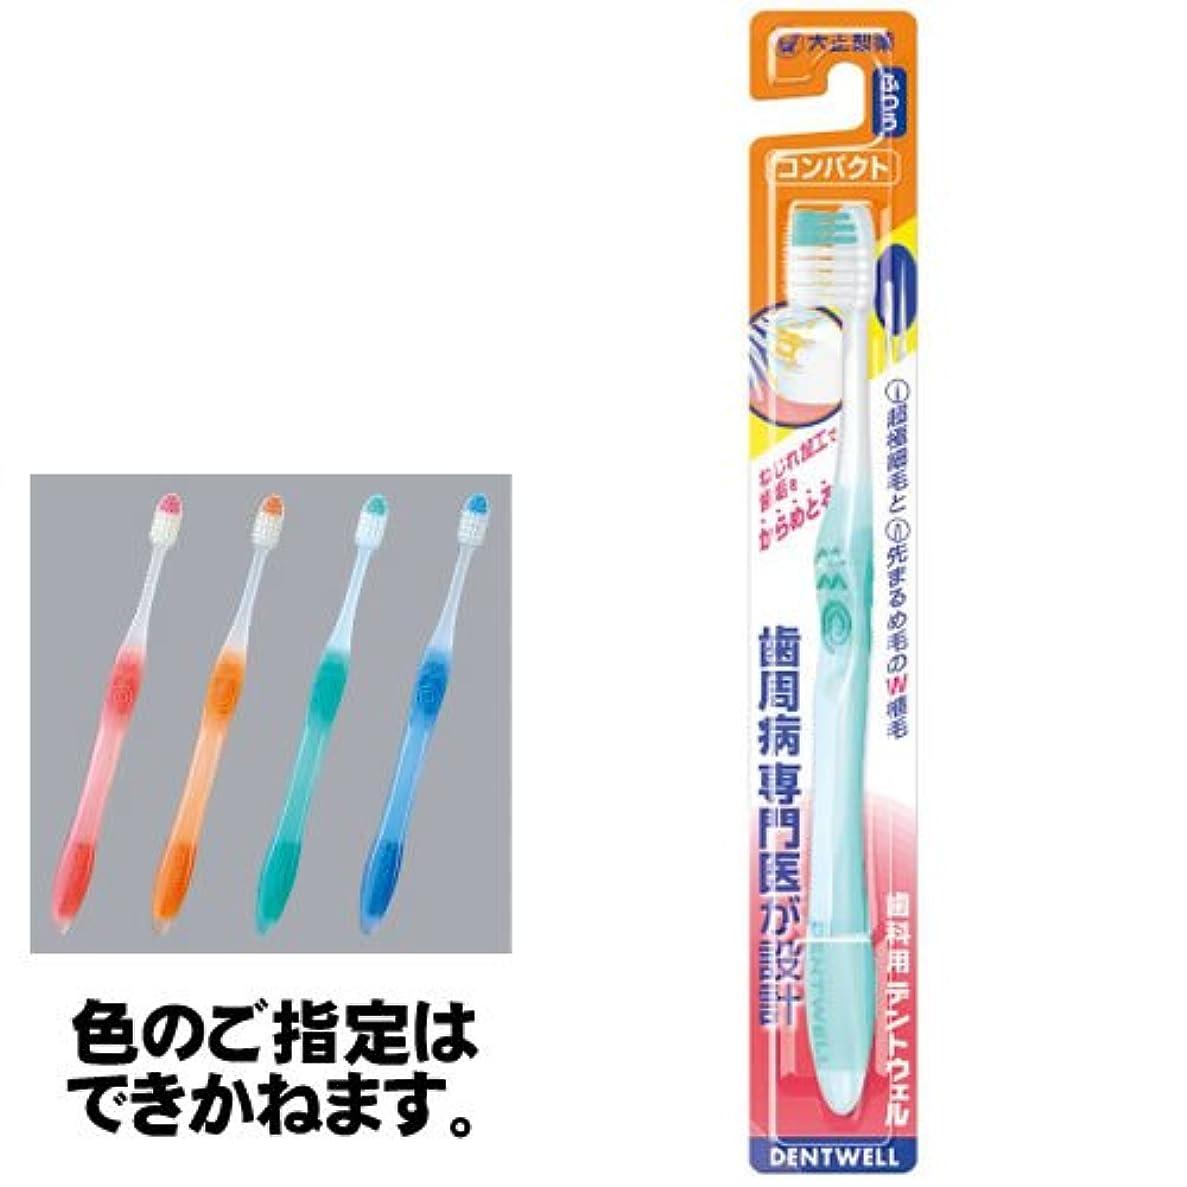 科学者する必要がある自分の力ですべてをする〔大正製薬〕歯科用デントウェル歯ブラシ コンパクト ふつう×12本セット